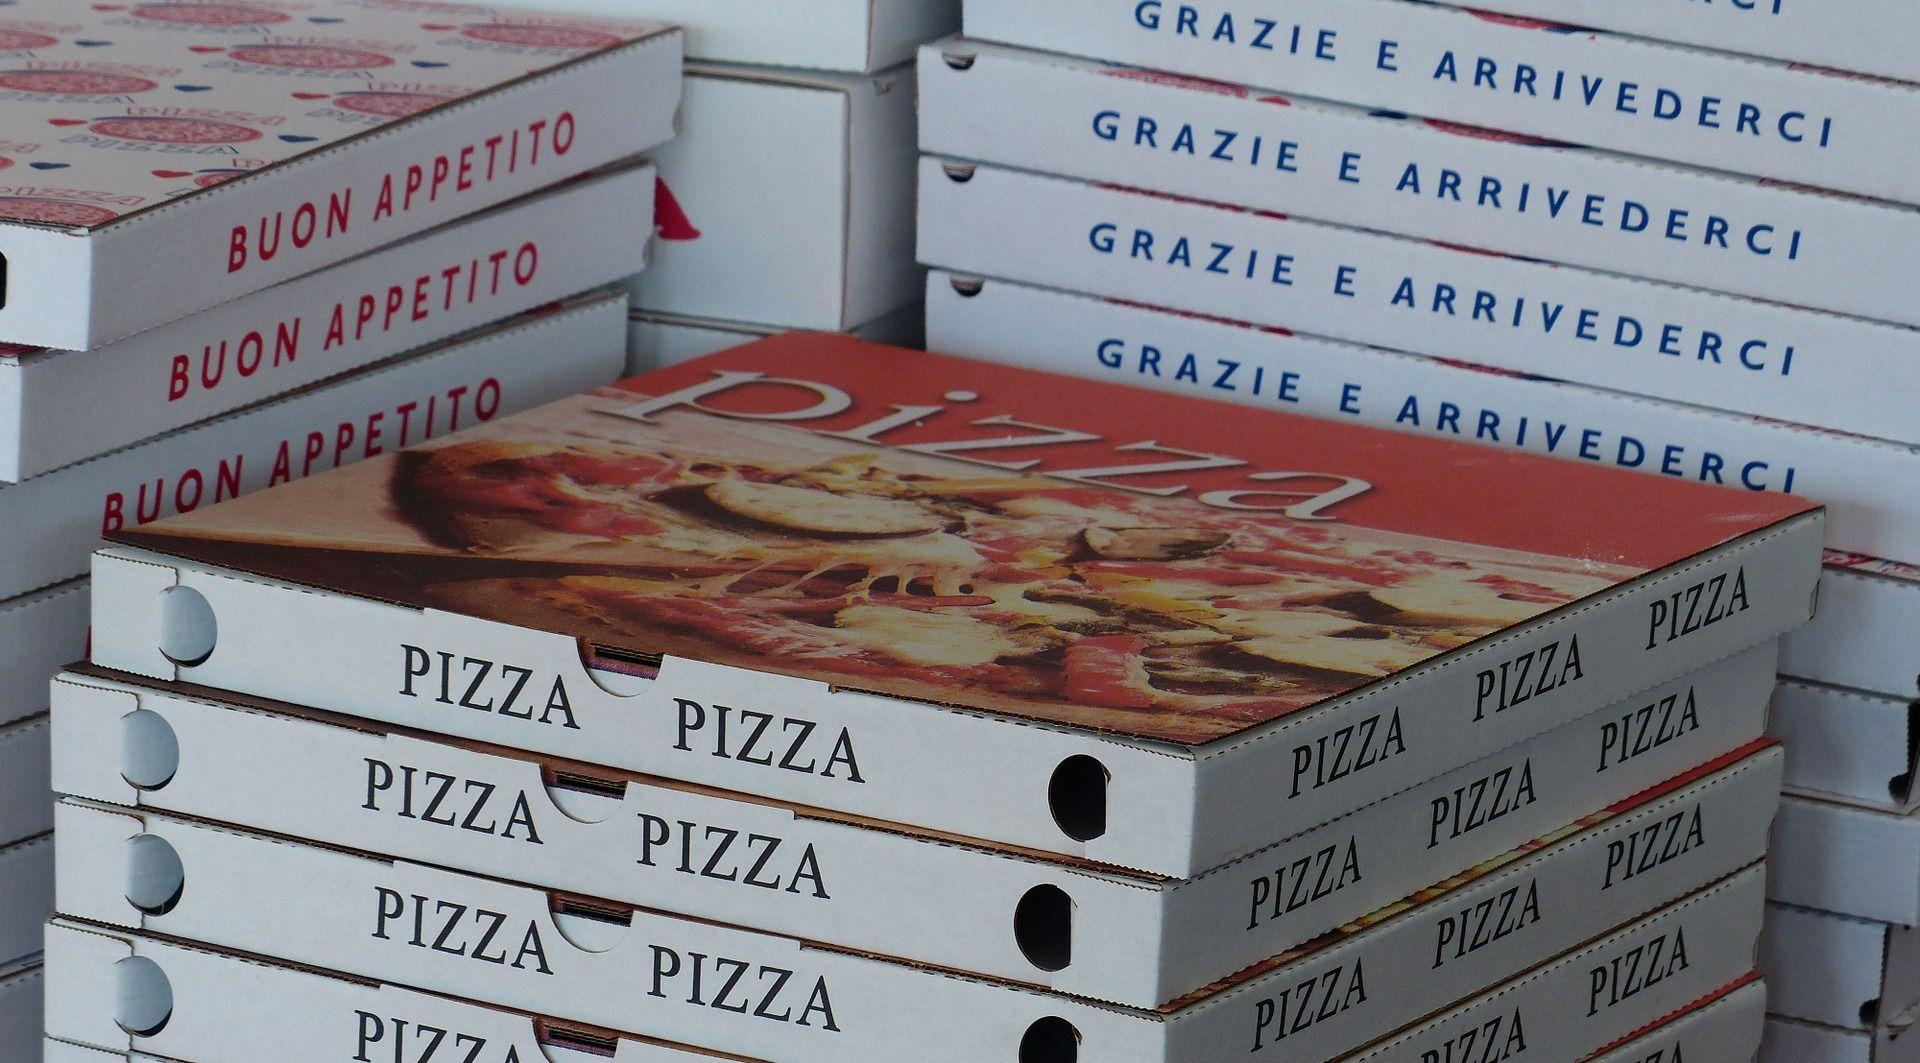 Kako je biti dostavljač pizze u ratnoj zoni